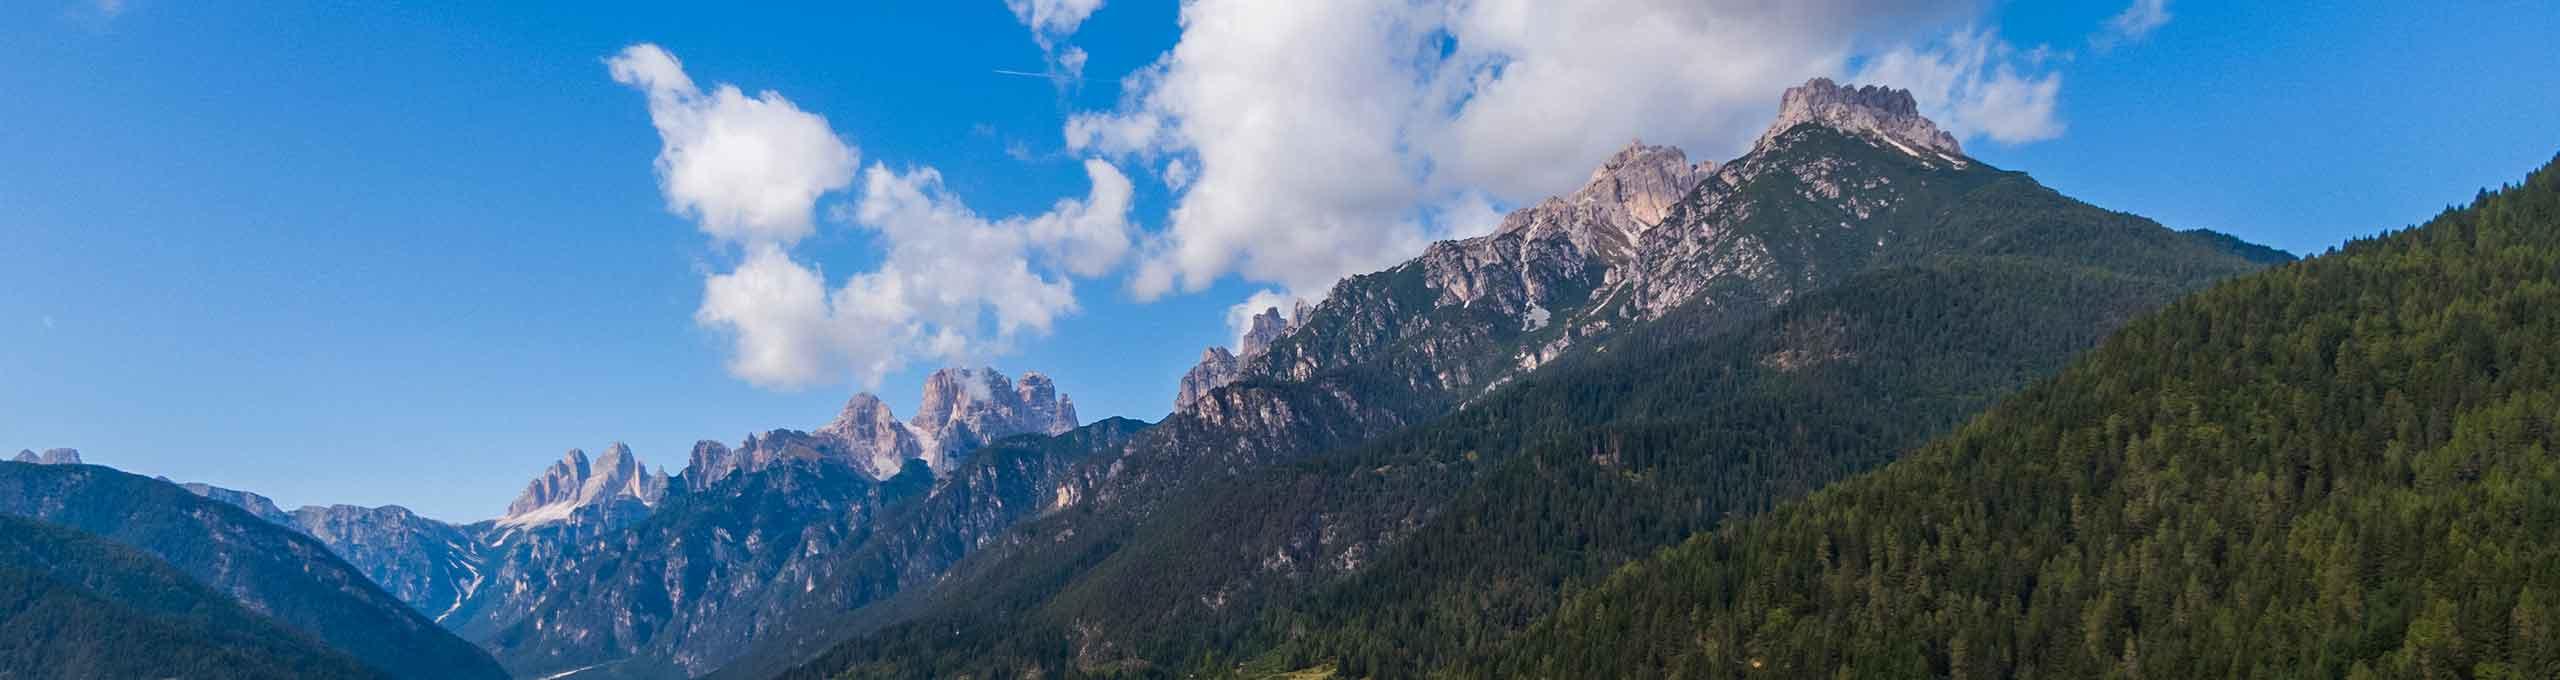 Auronzo di Cadore, Dolomiti